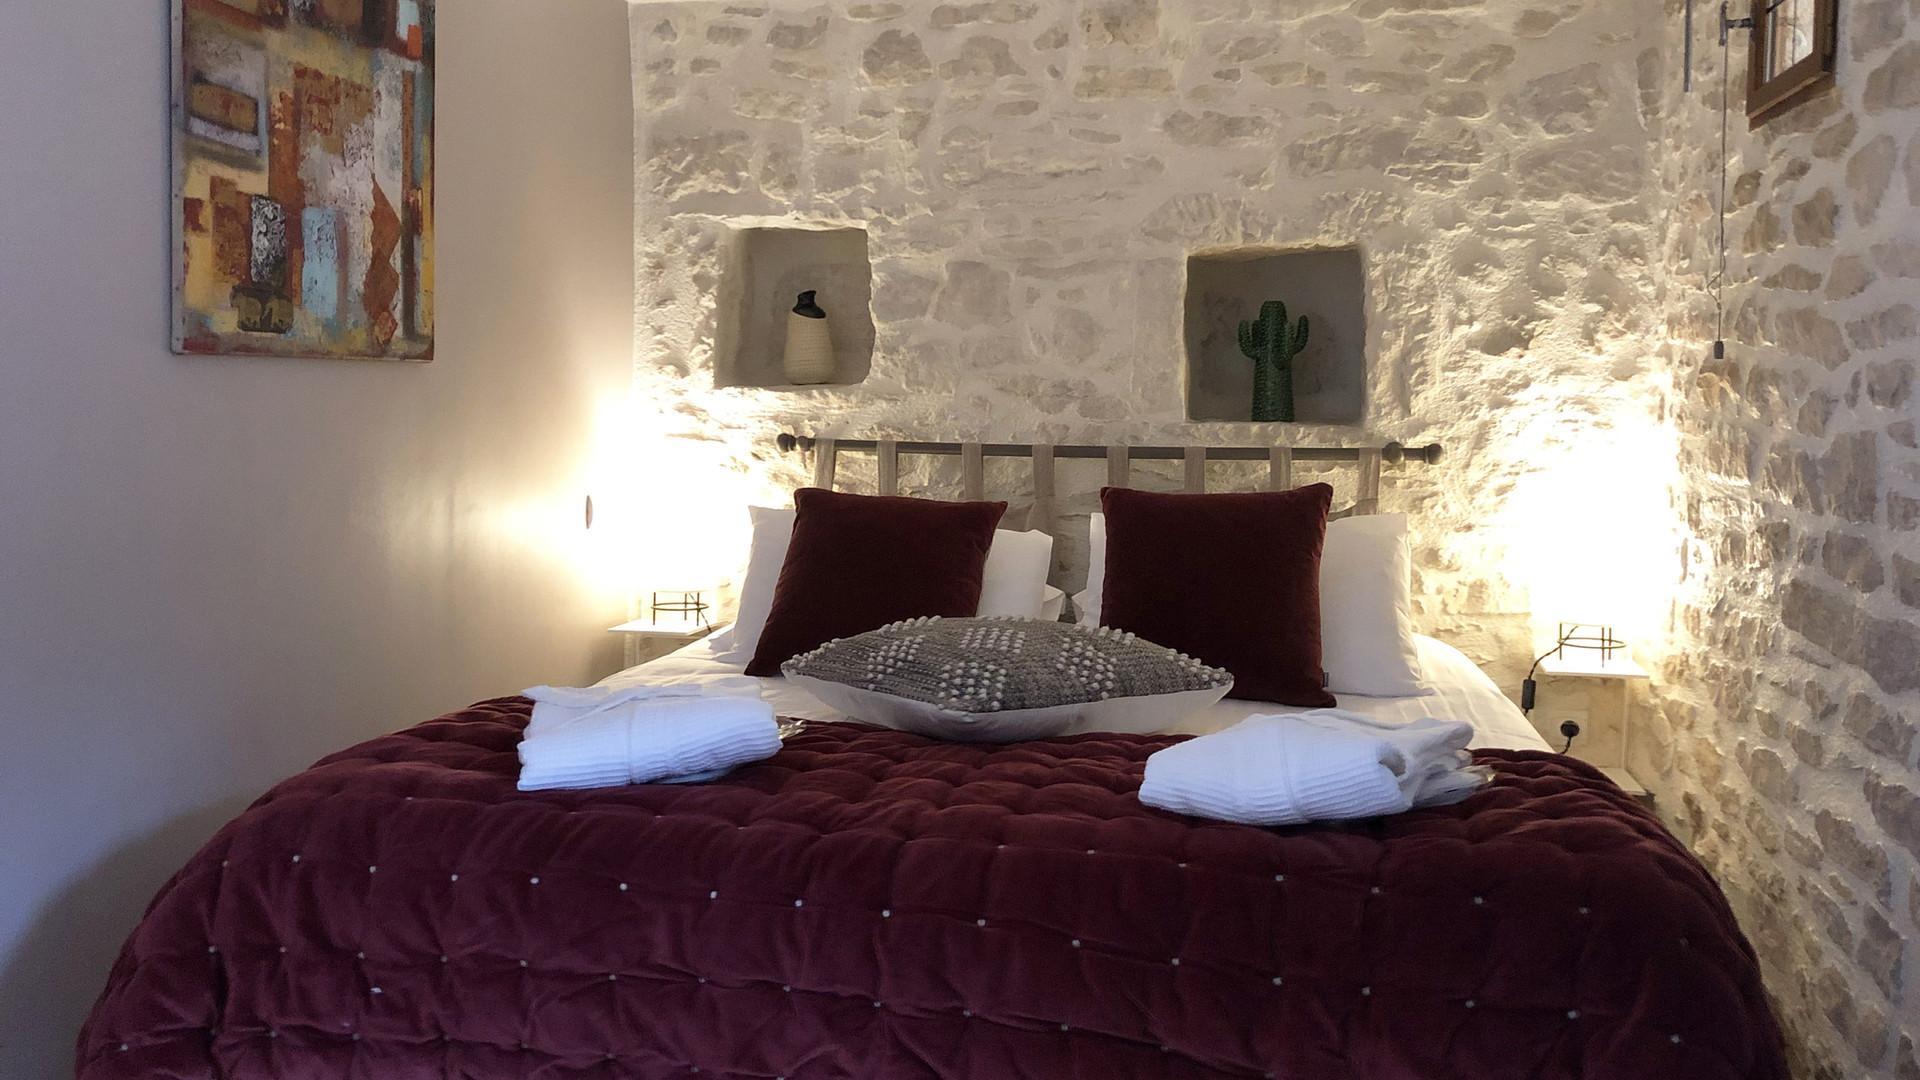 maison-hotes-de-charme-chambre-suite-terrasse-la-roque-gageac.jpg